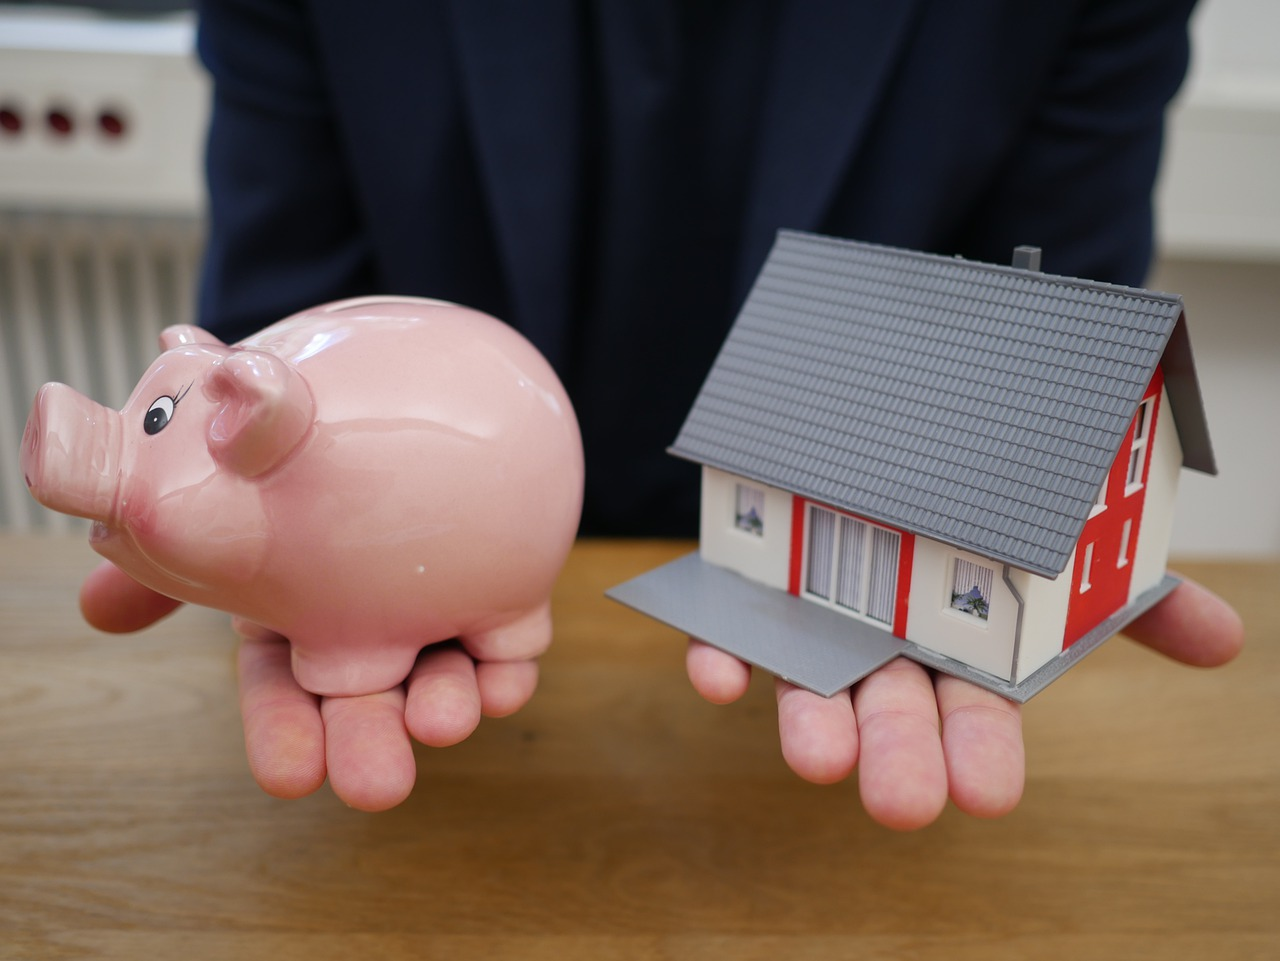 défiscaliser grâce à l'immobilier